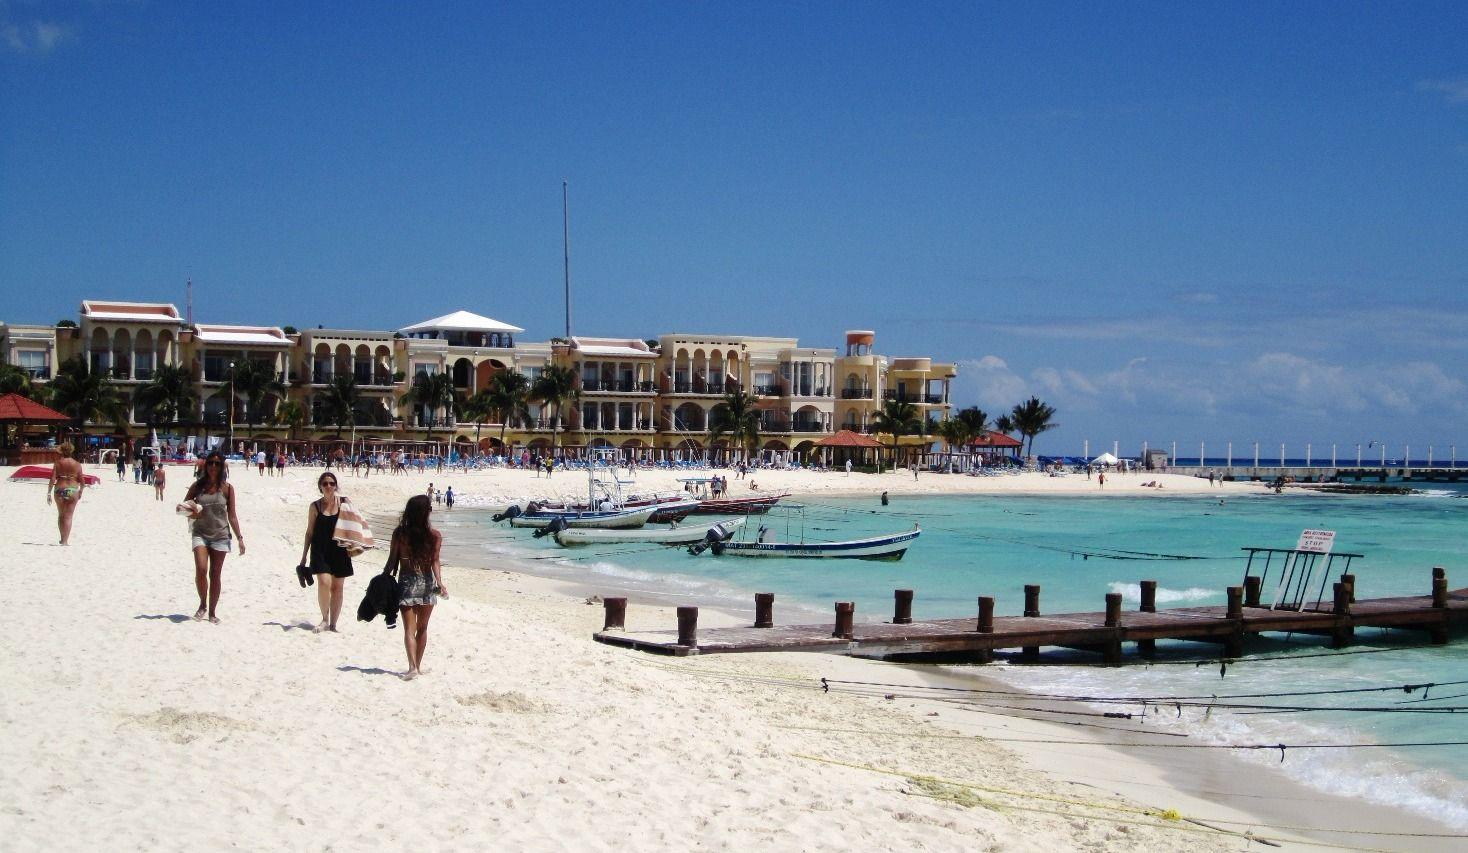 Si vous quittez pour Playa del Carmen, soyez prudents!